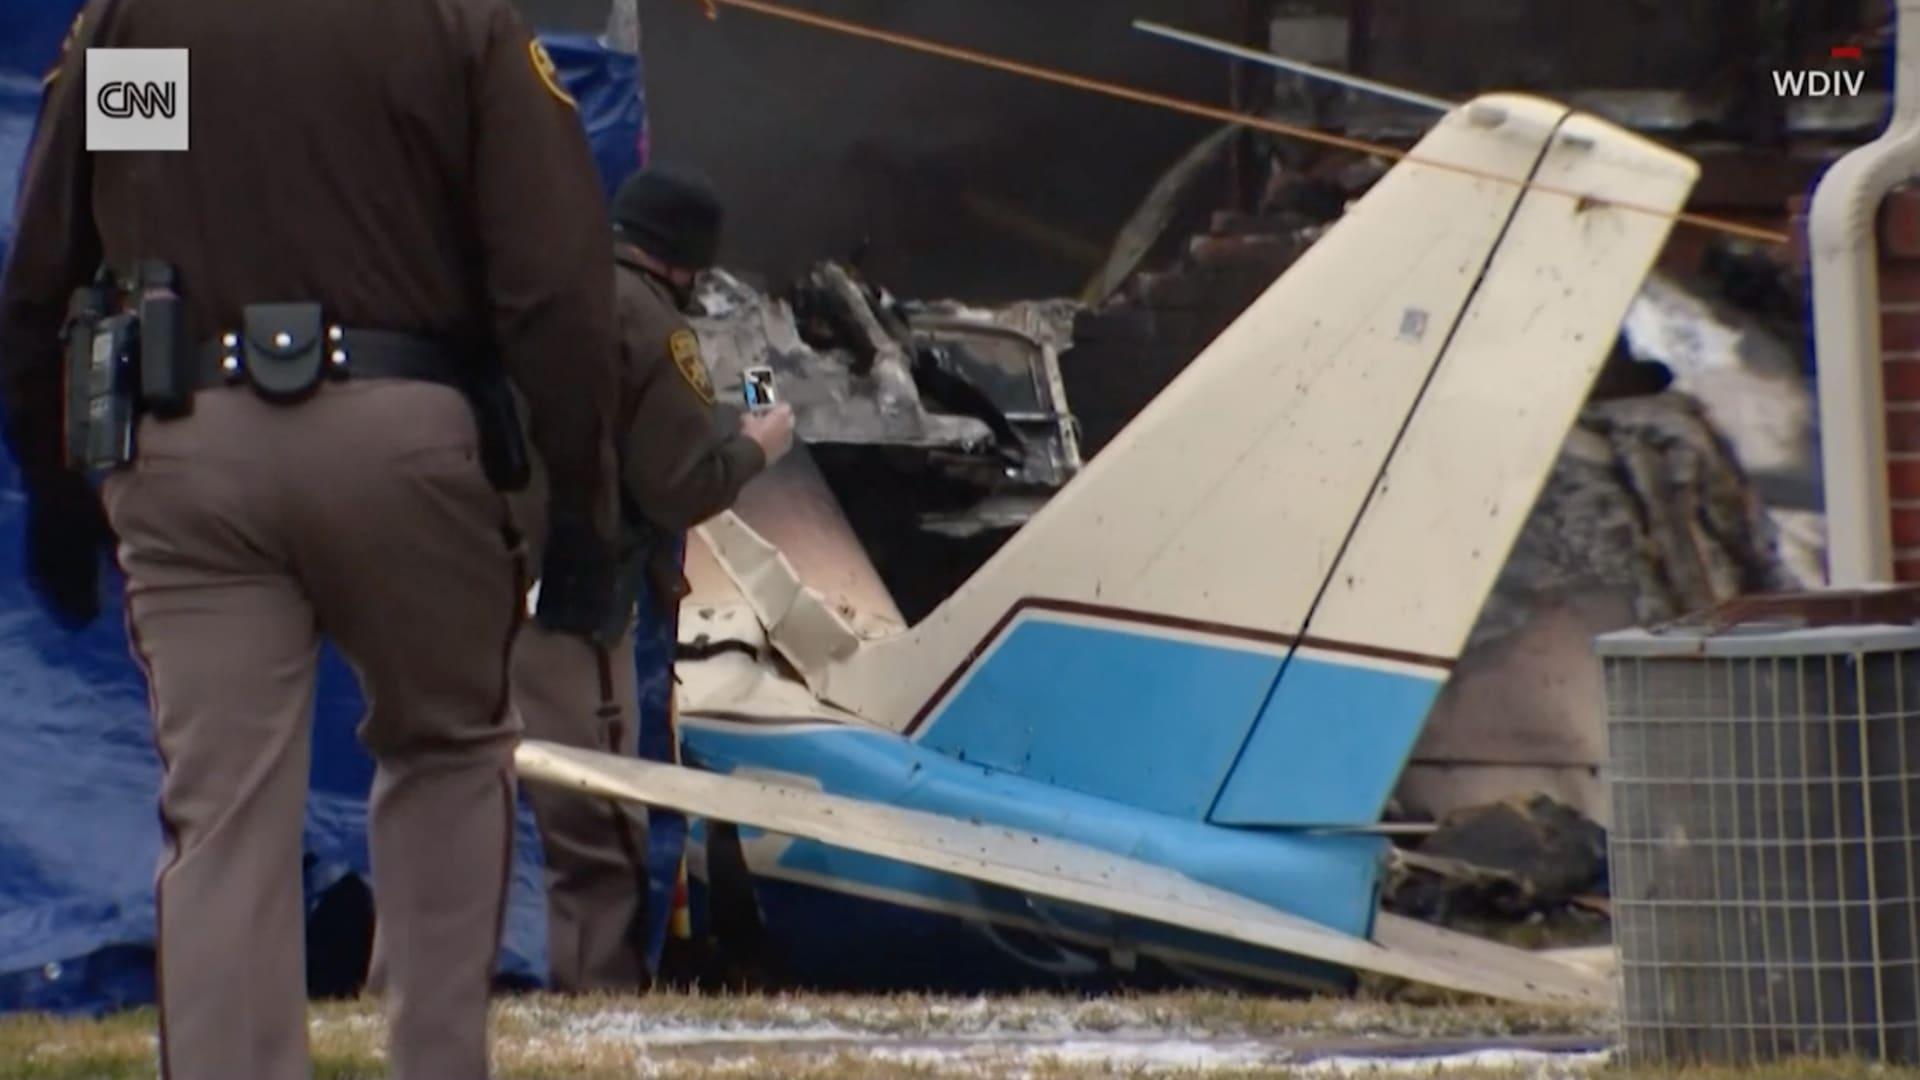 شاهد.. مقتل 3 في اصطدام طائرة صغيرة بمنزل في ولاية ميشيغان الأمريكية